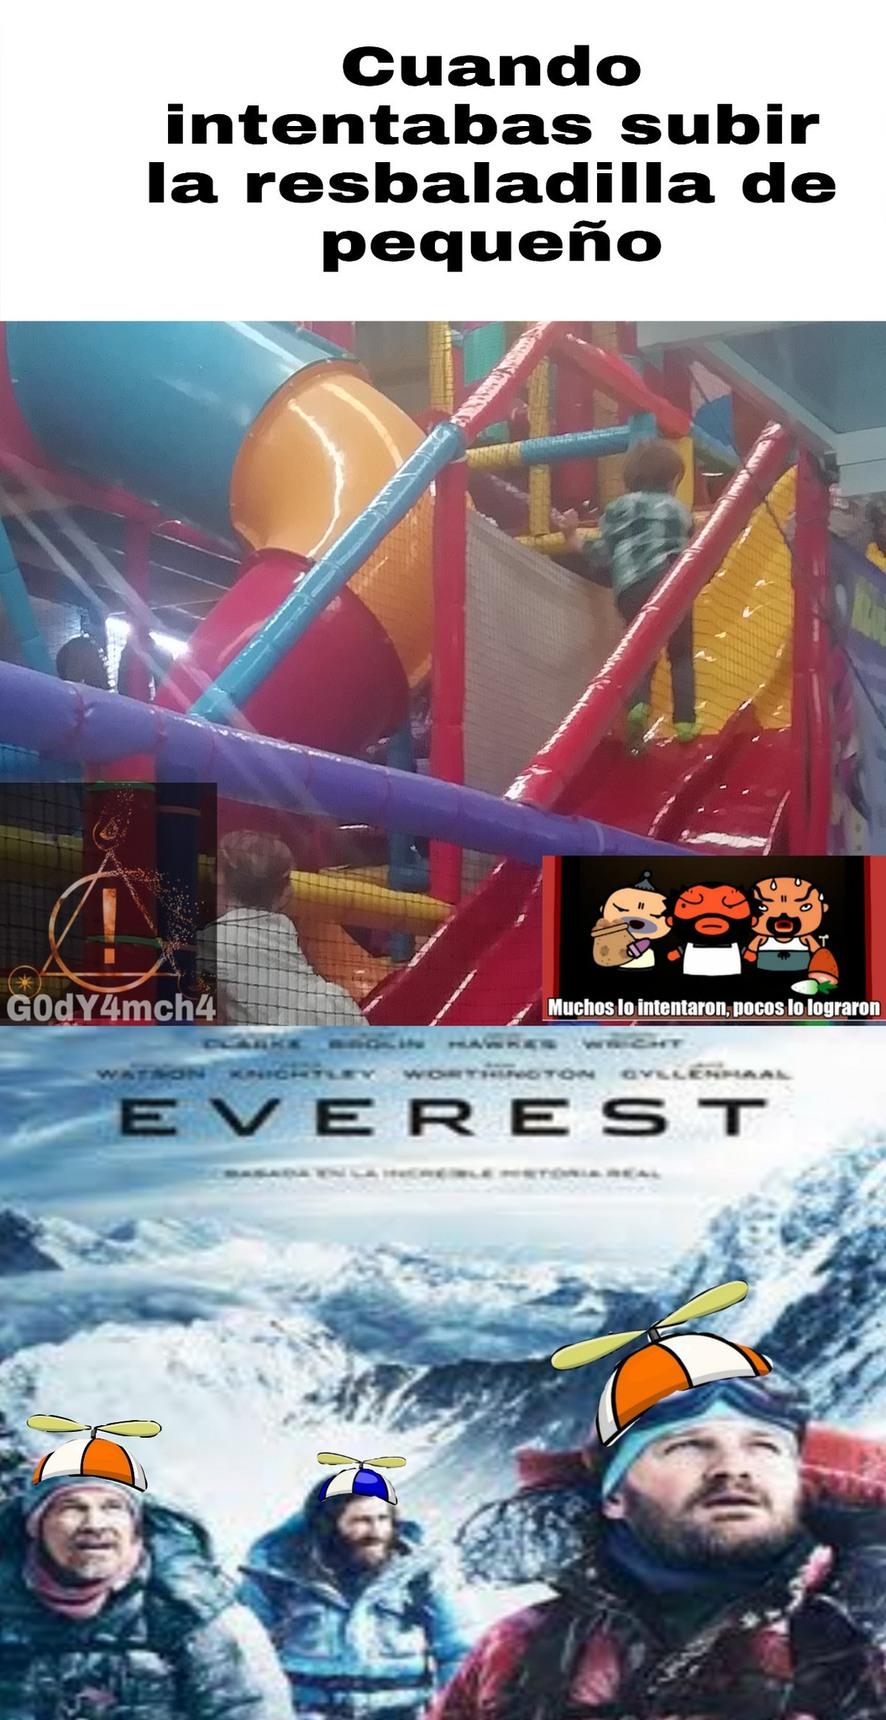 Todos lo intentamos, pocos lo lograron. Everest - meme